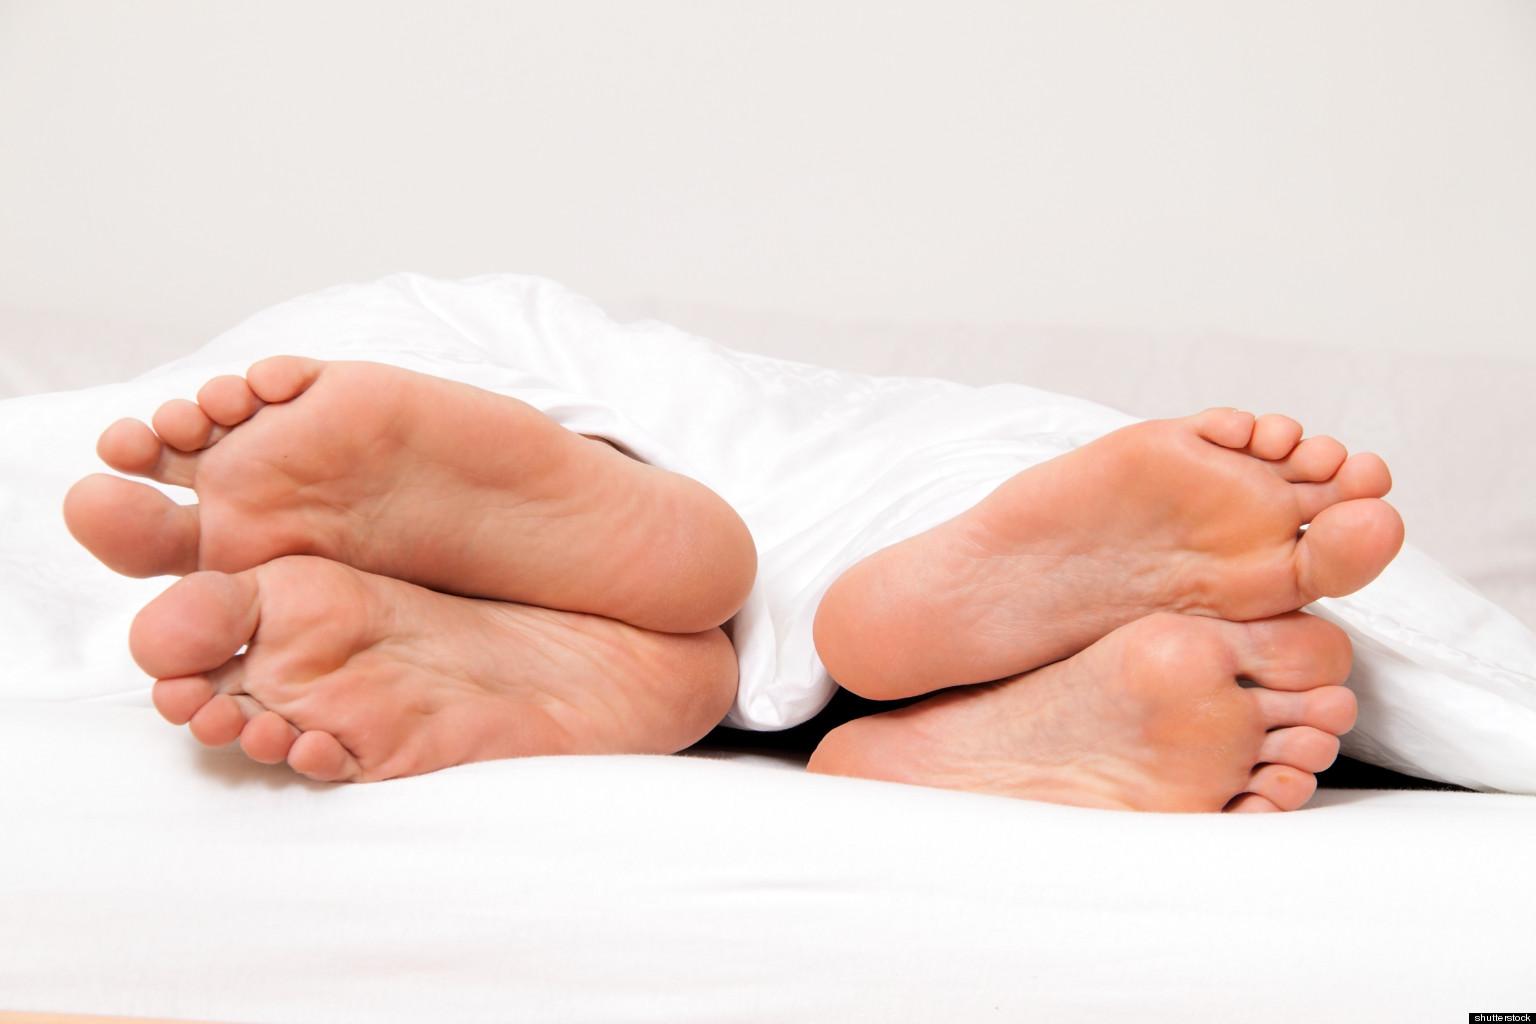 المشاكل التى تواجه الرجل فى العلاقة الجنسية و علاجها